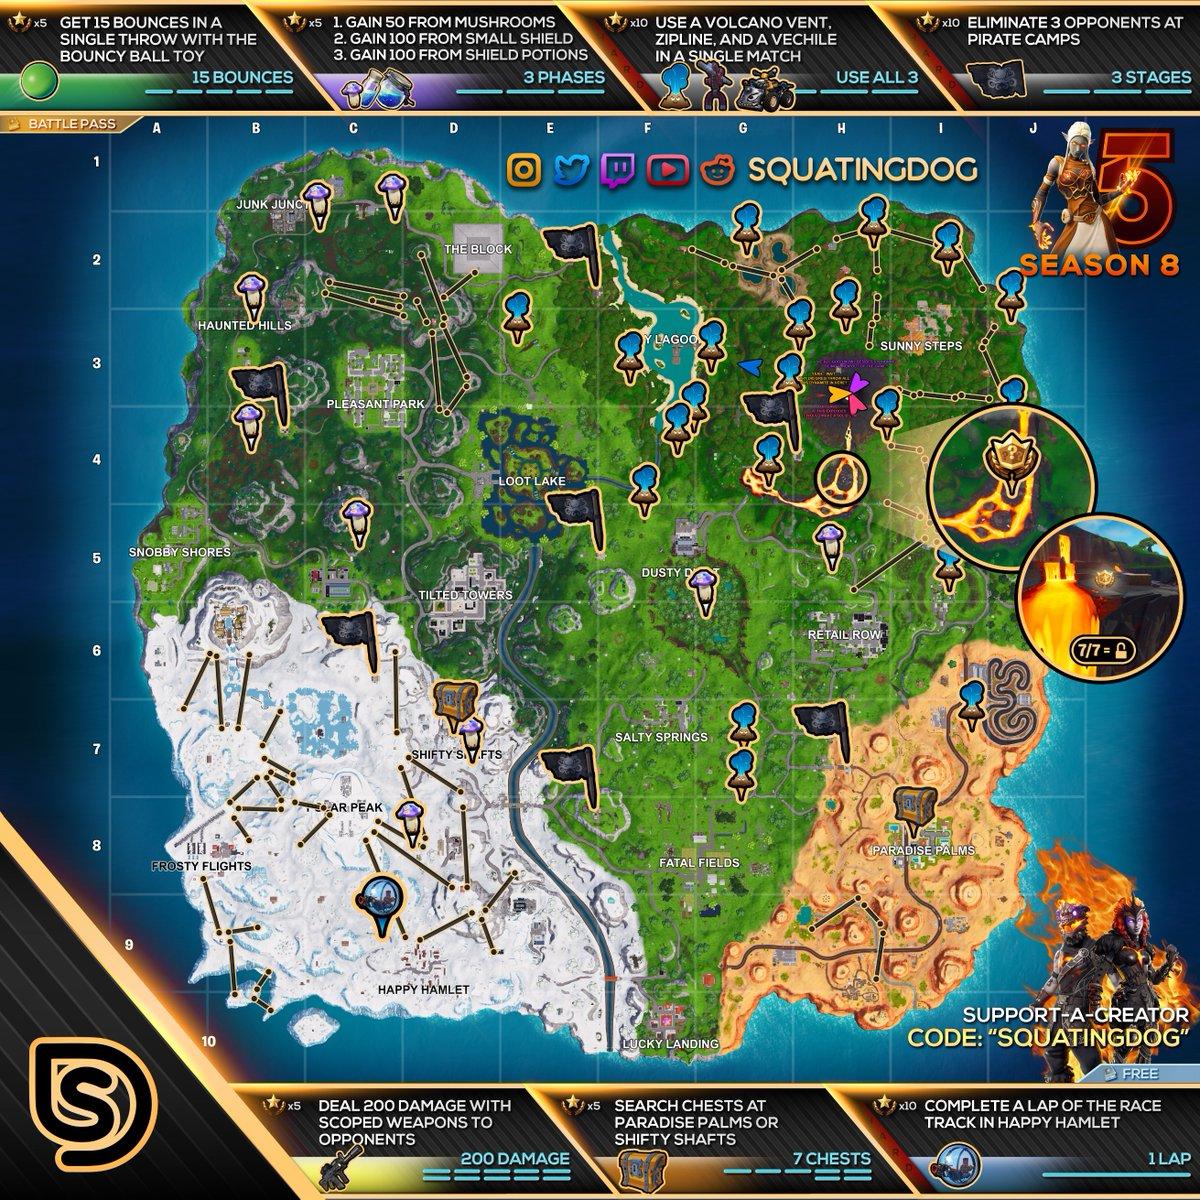 Mapa Temporada 8 Fortnite.Mapa De Hojas De Trucos De Fortnite Para Los Desafios De La